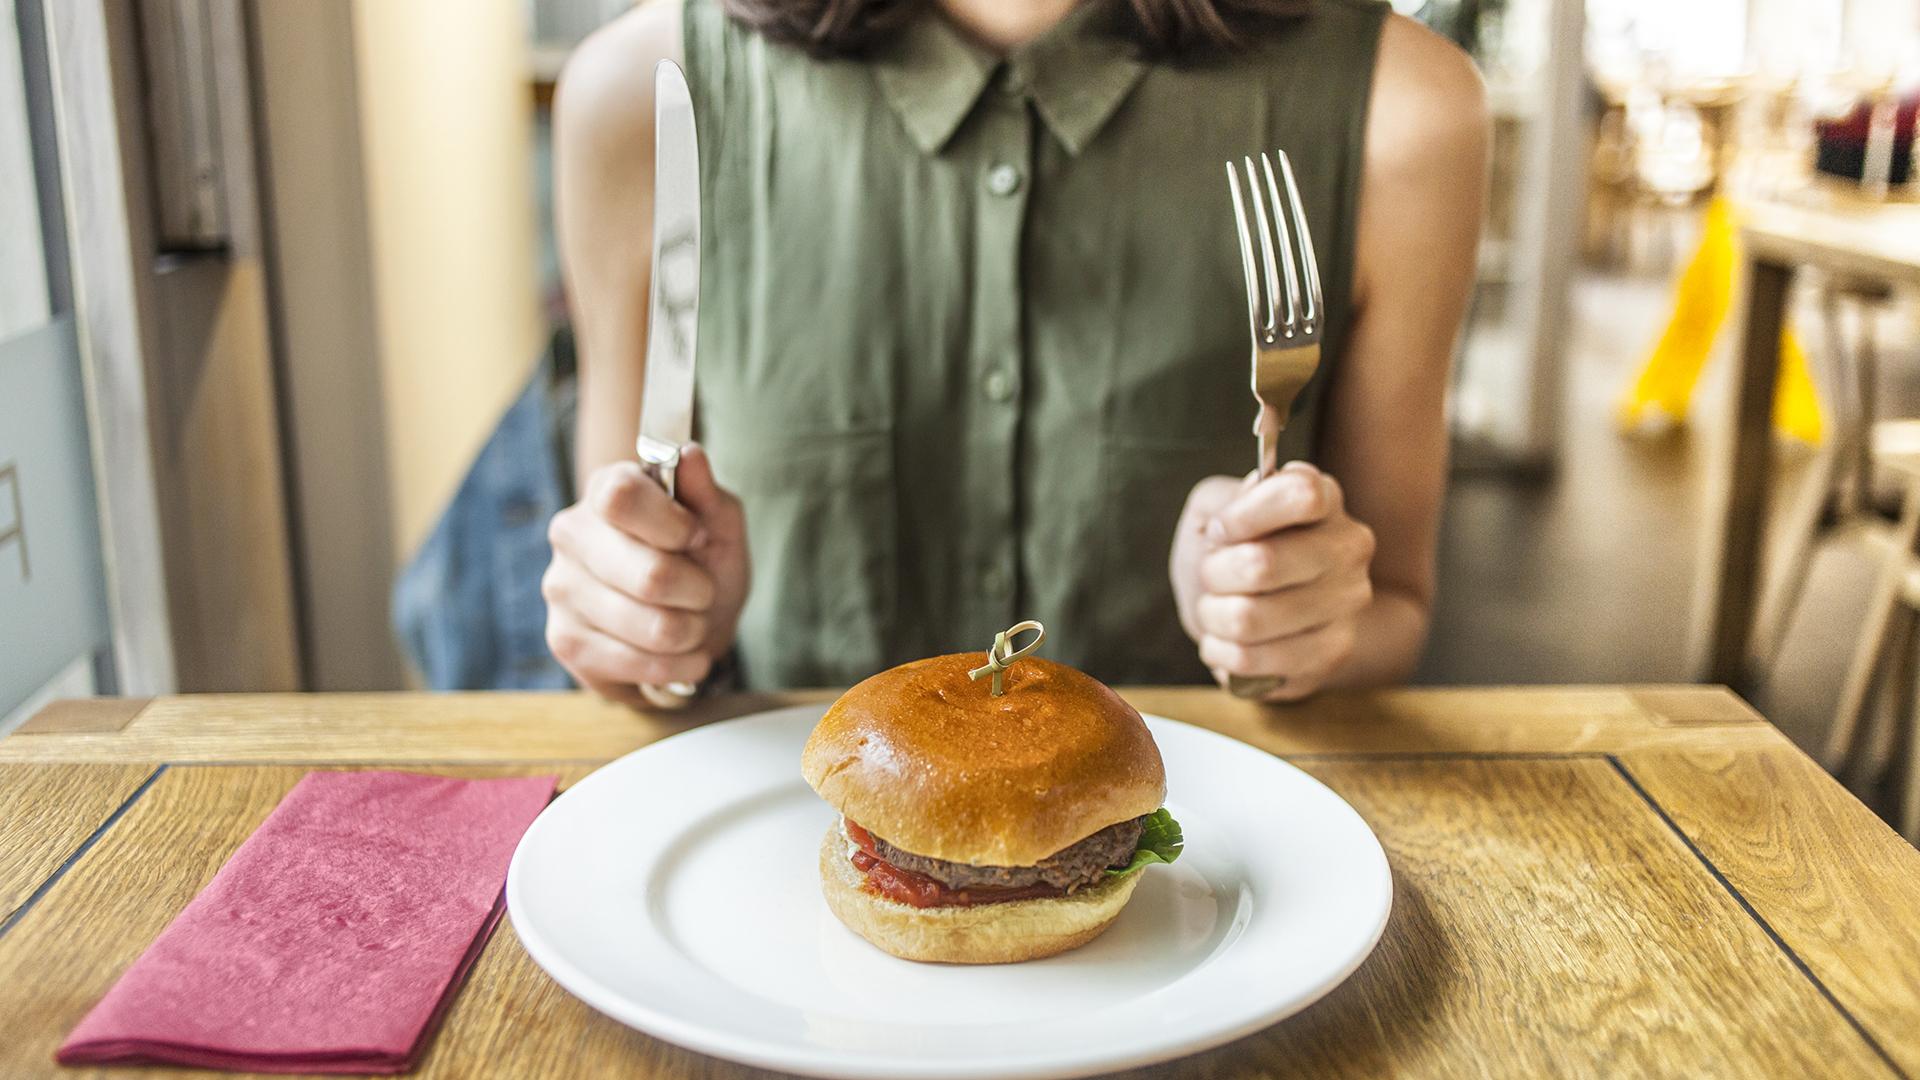 Desafíos a los hábitos alimenticios saludables